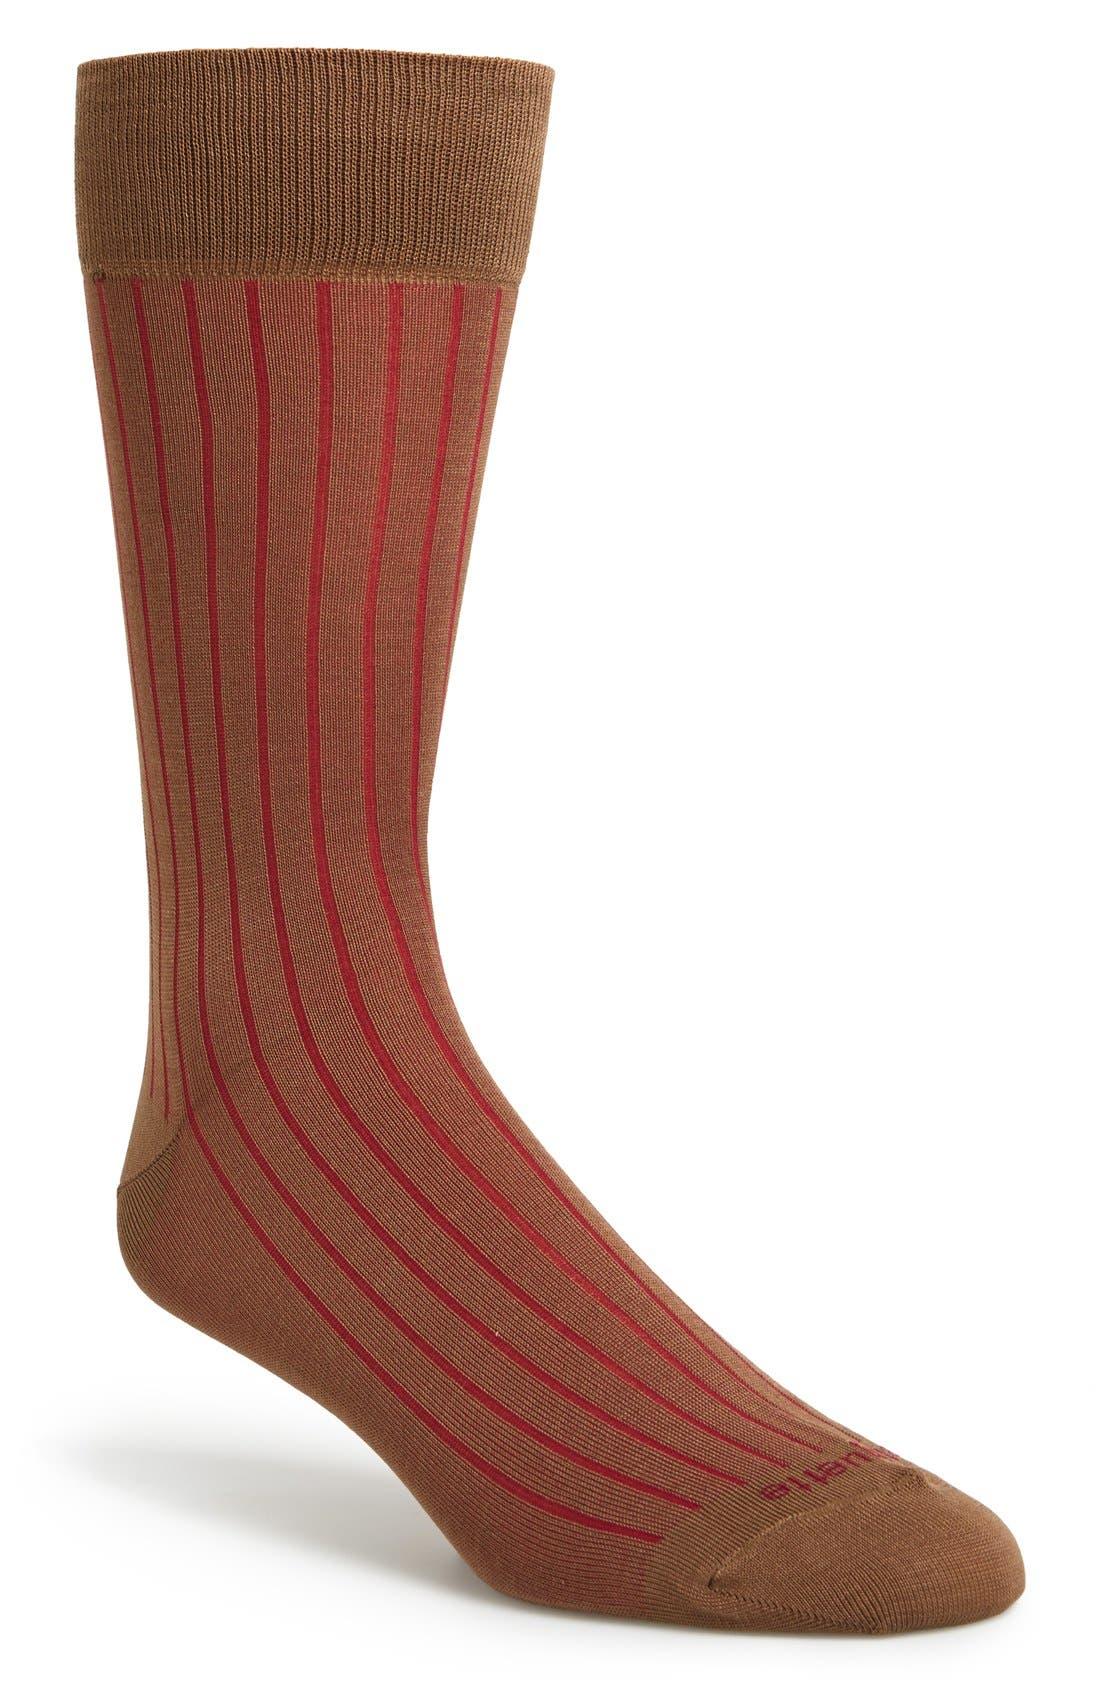 Main Image - Etiquette Clothiers 'Royal Rib' Socks